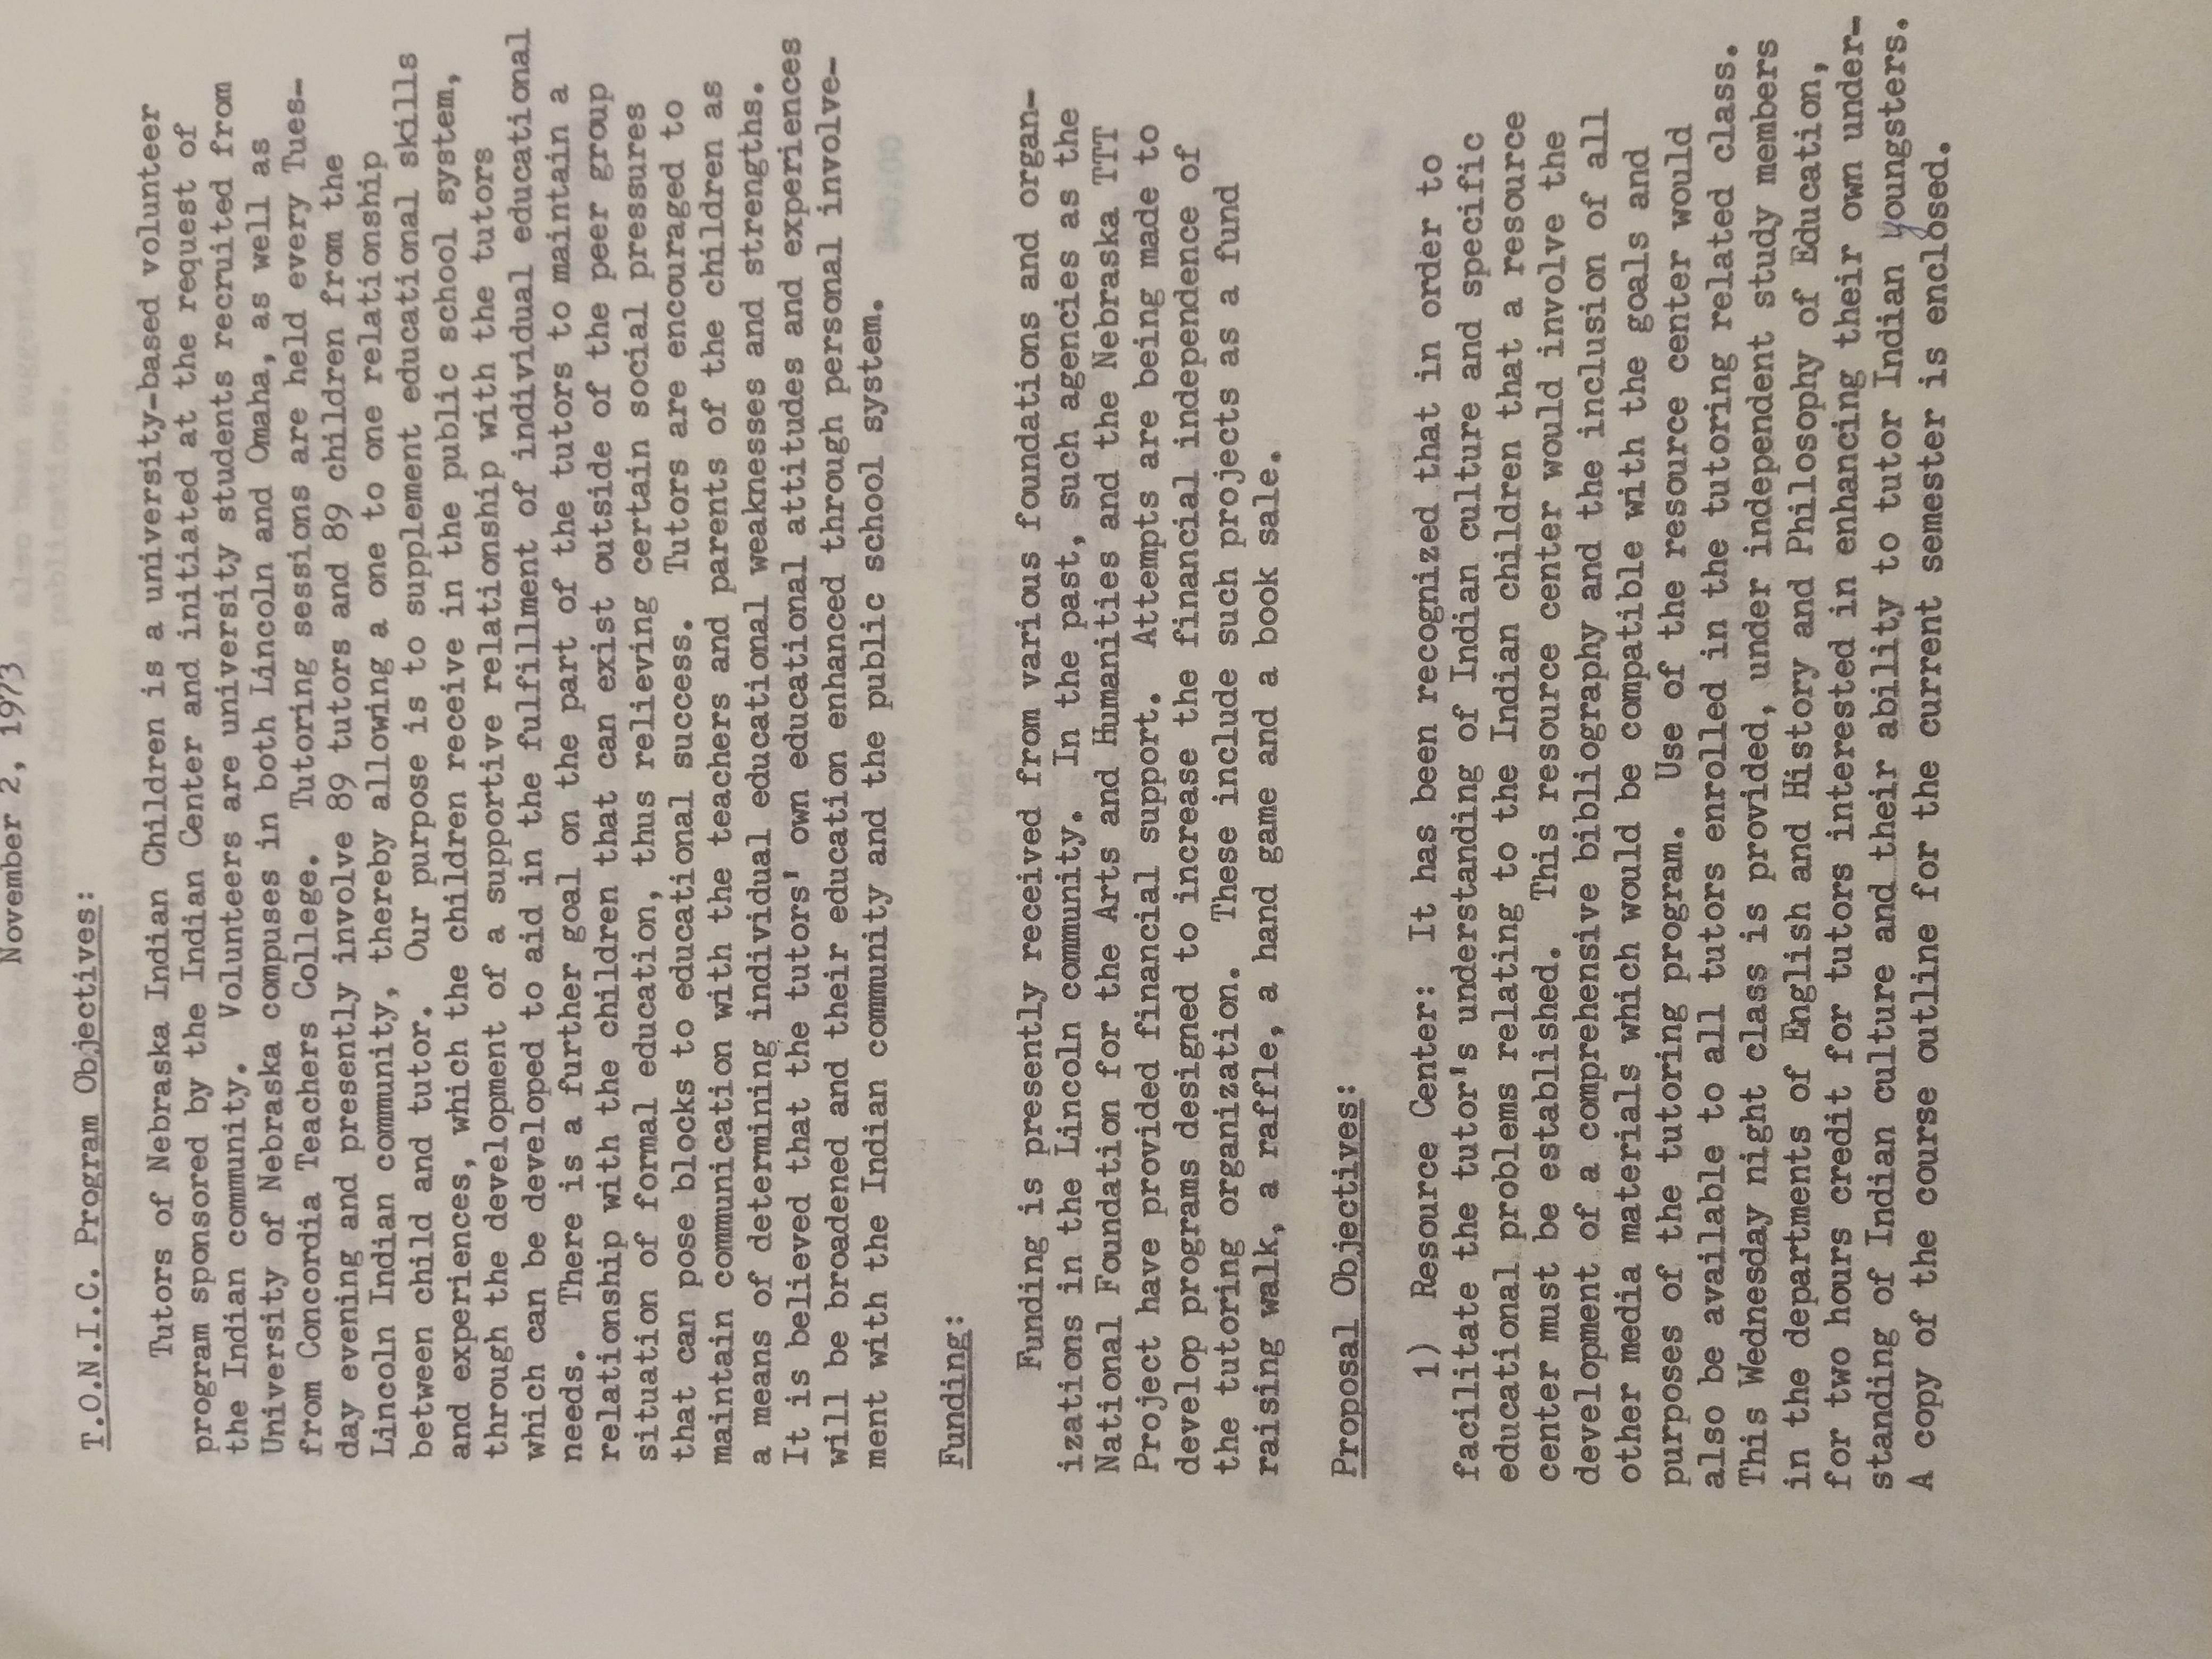 Proposal page, TONIC